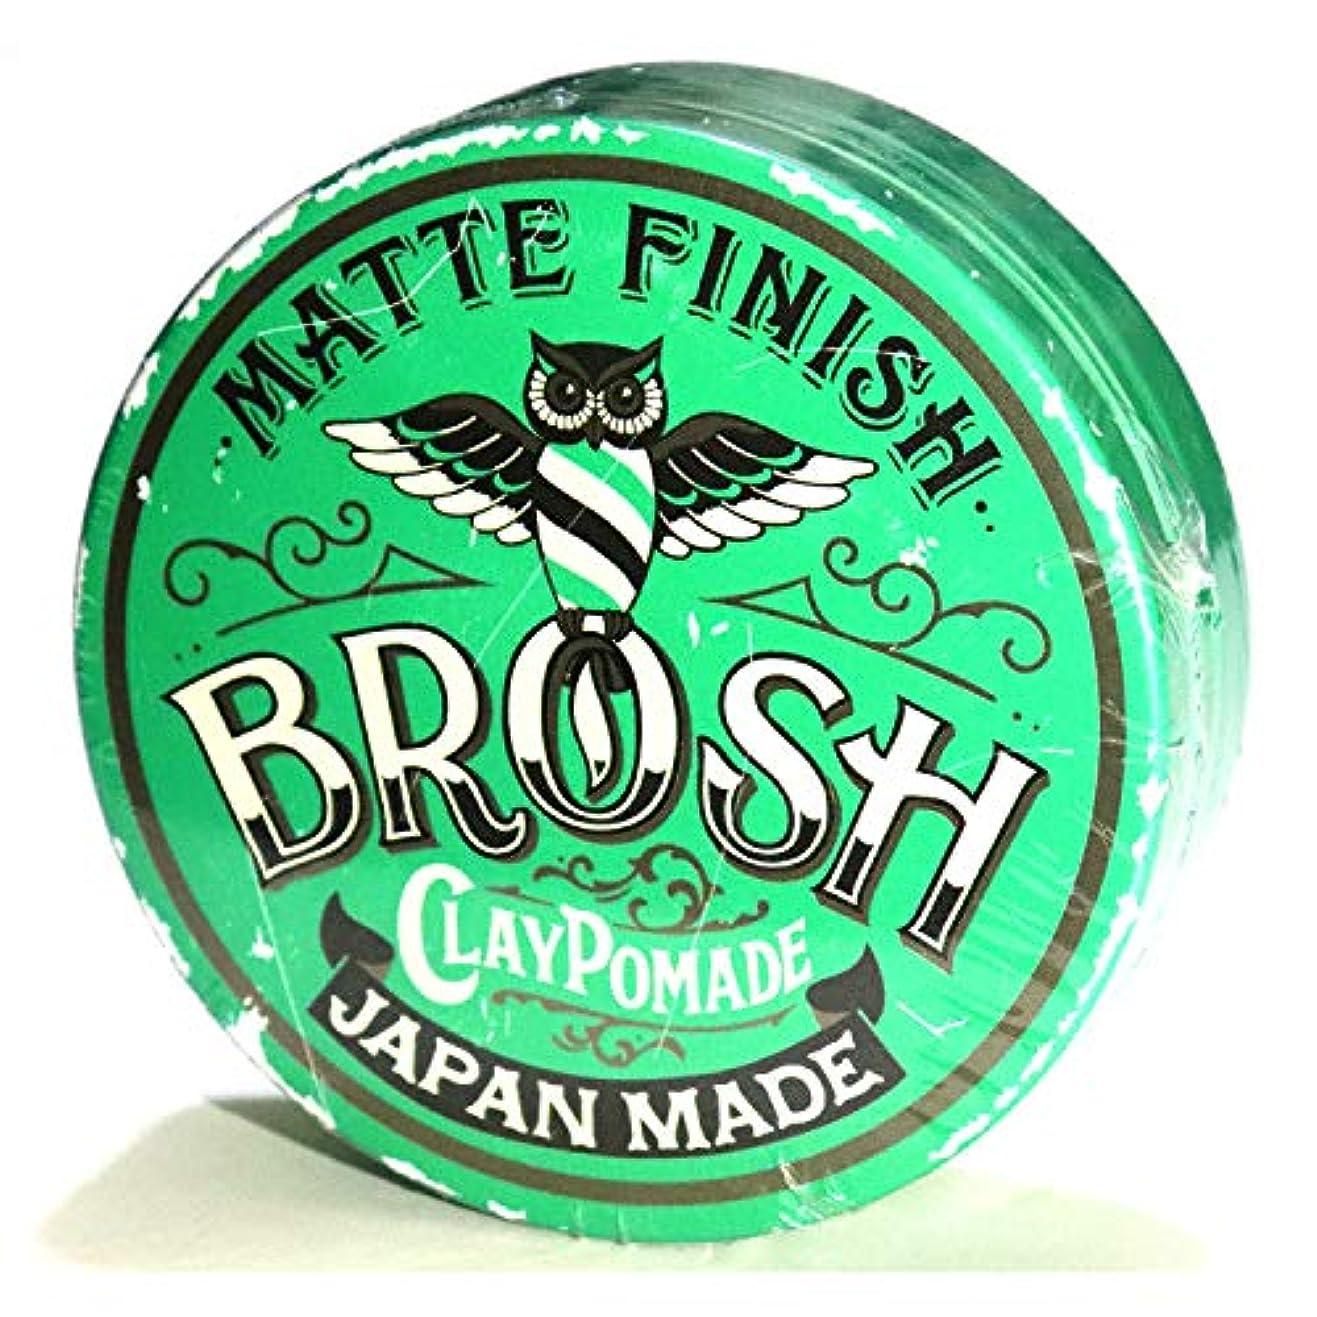 一口ナチュラル残忍なBROSH (ブロッシュ) BROSH CLAY POMADE 115g 水性ポマード 整髪料 マット